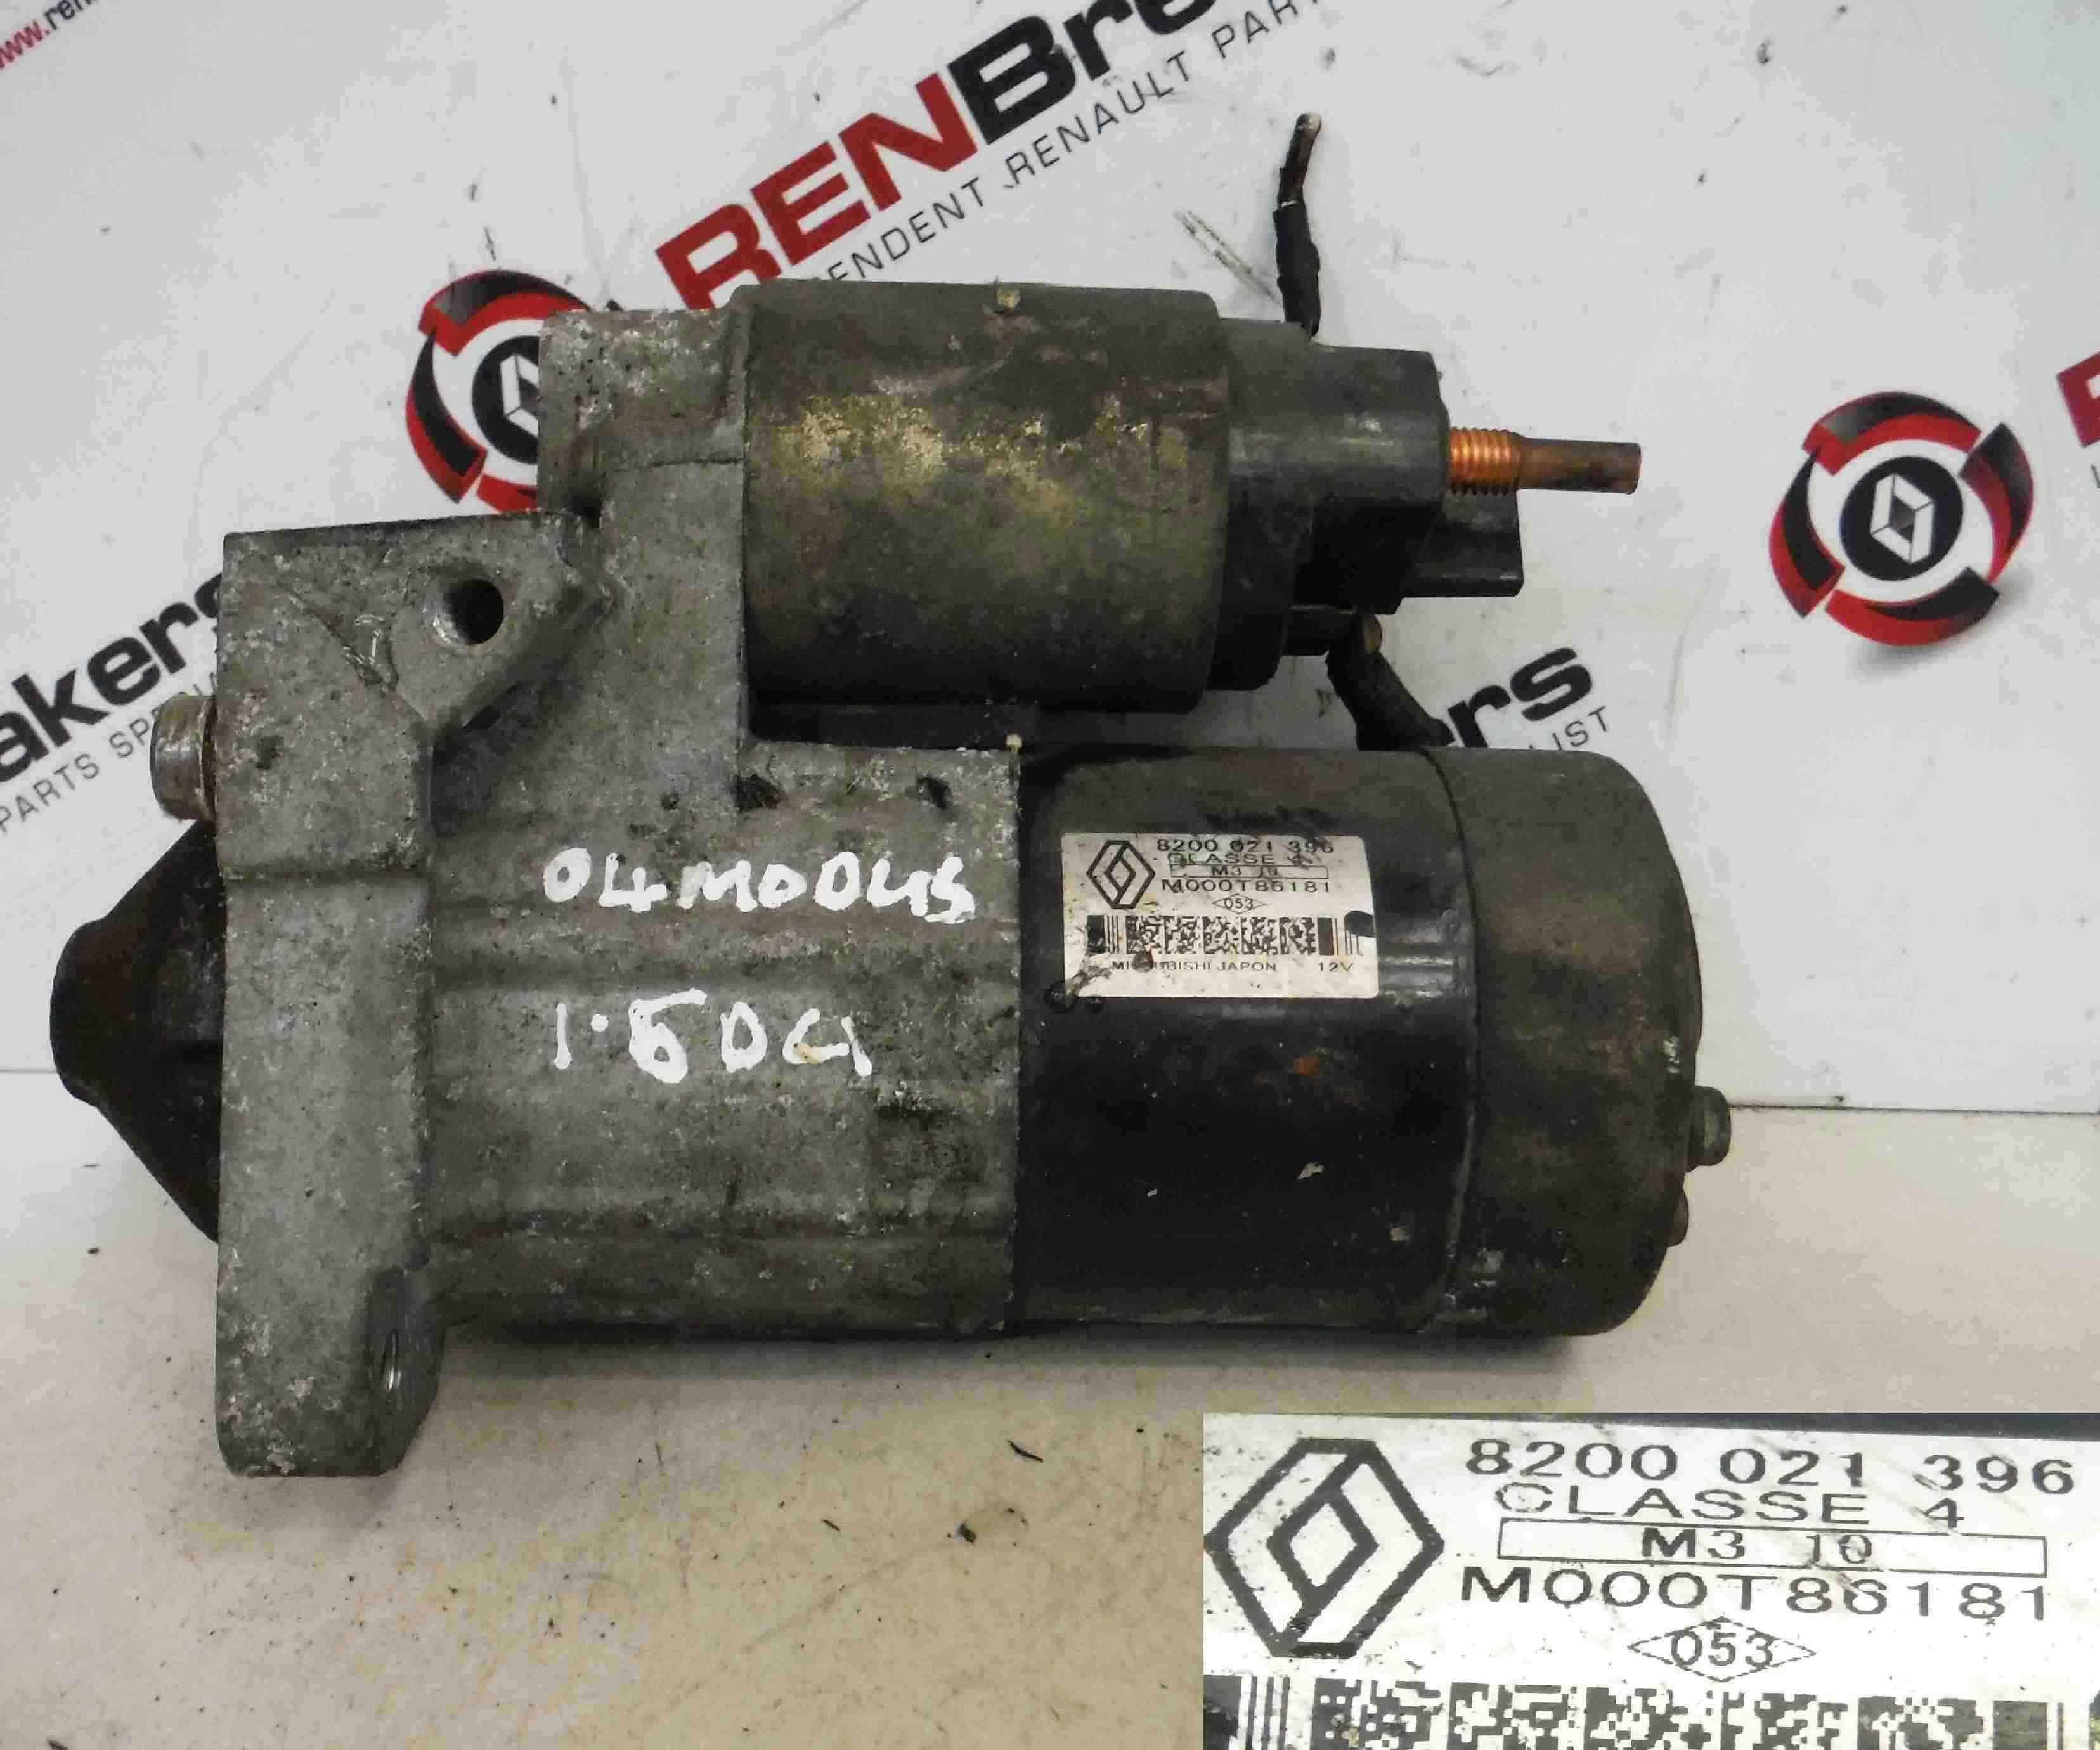 Renault Modus 2004-2008 1.5 dCi Starter Motor Starting 8200021396